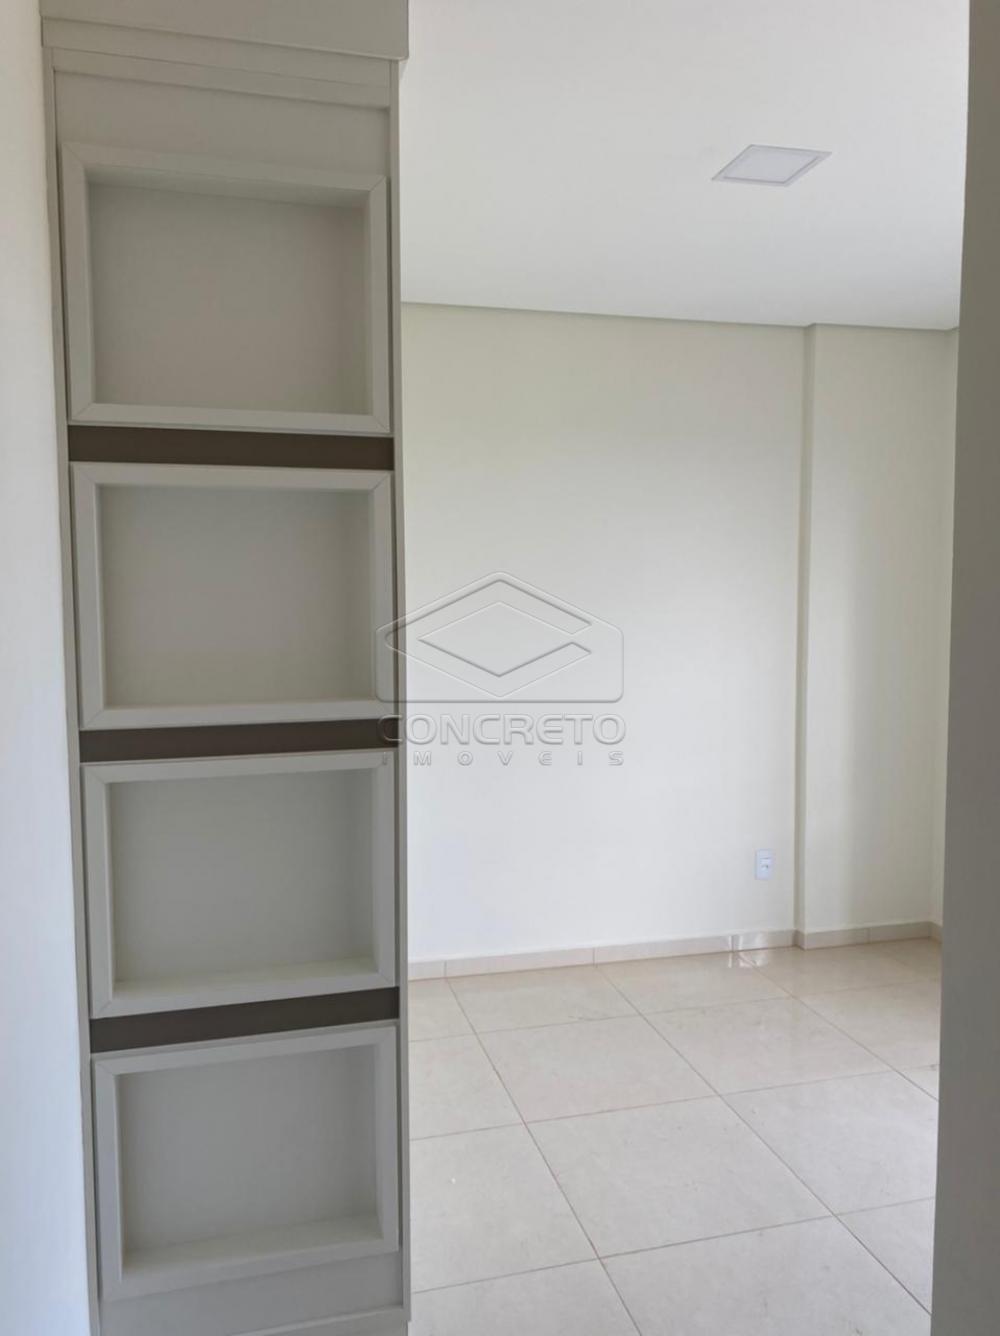 Alugar Apartamento / Padrão em Botucatu apenas R$ 2.500,00 - Foto 10